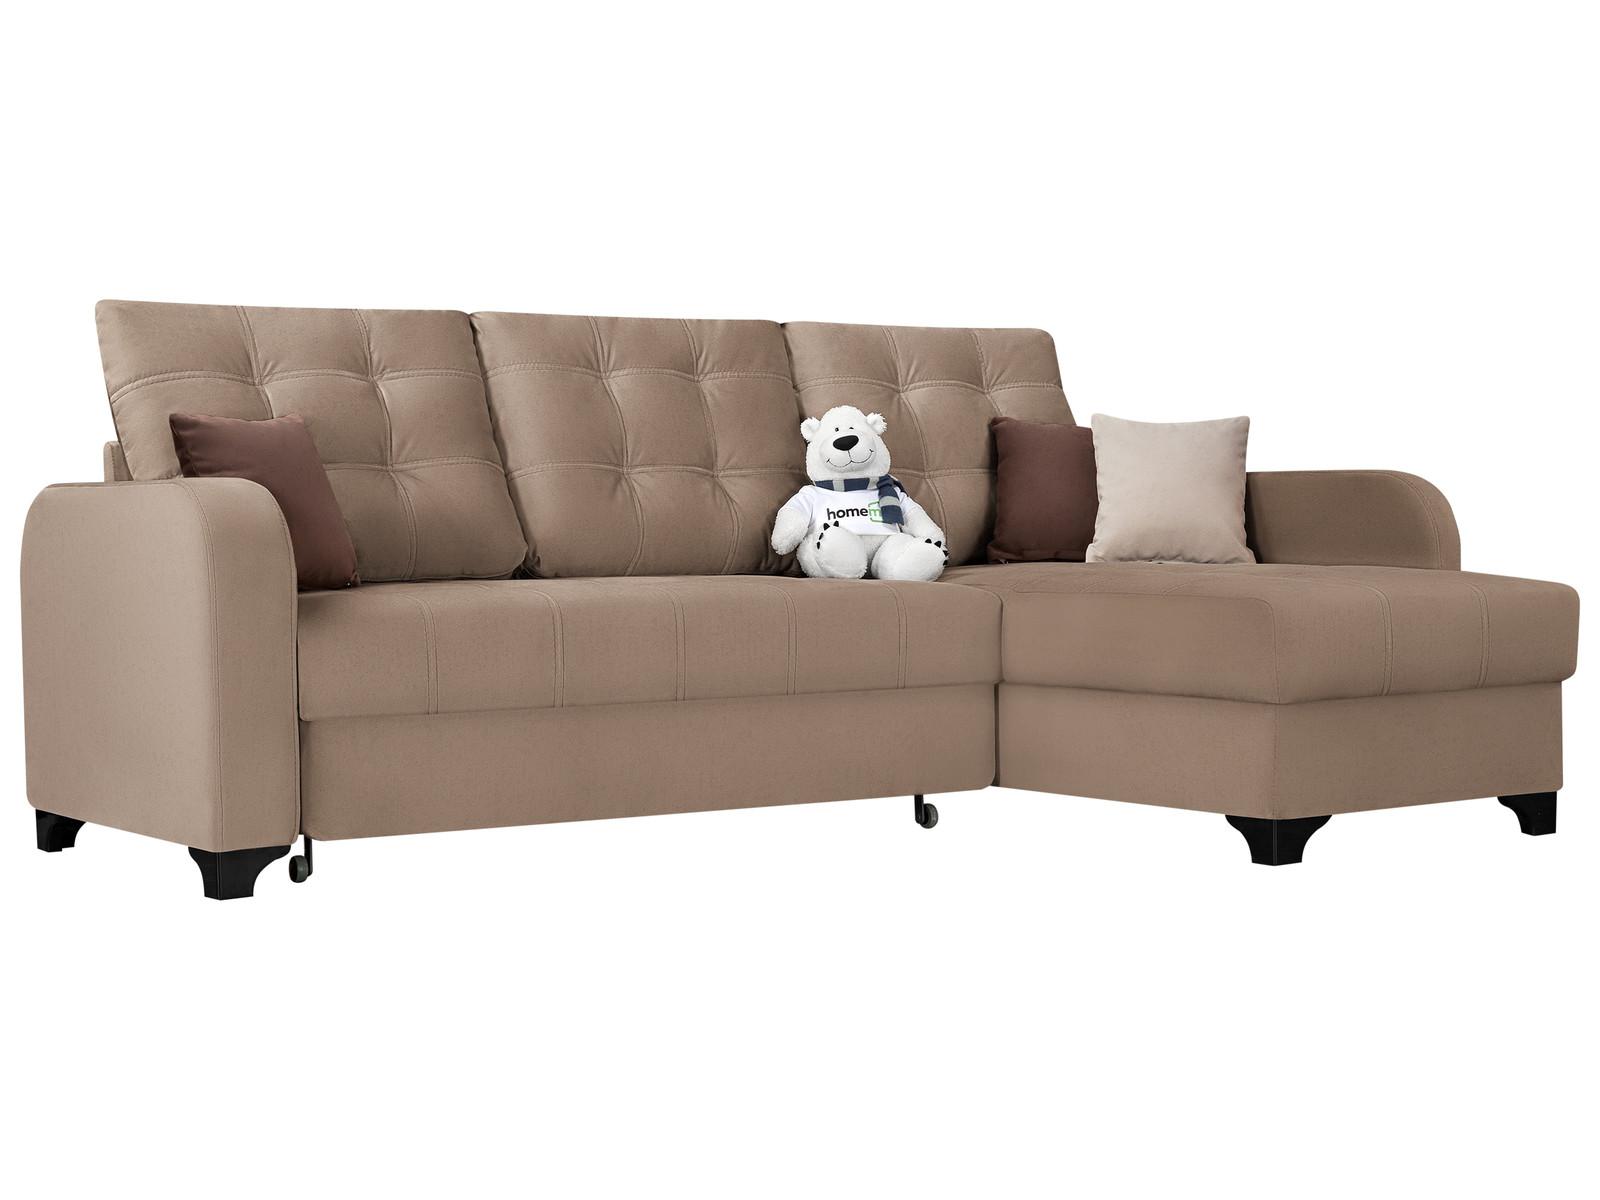 Диван тканевый угловой Ливерпуль D1 furniture Velure коричневый (Велюр) Коричневый